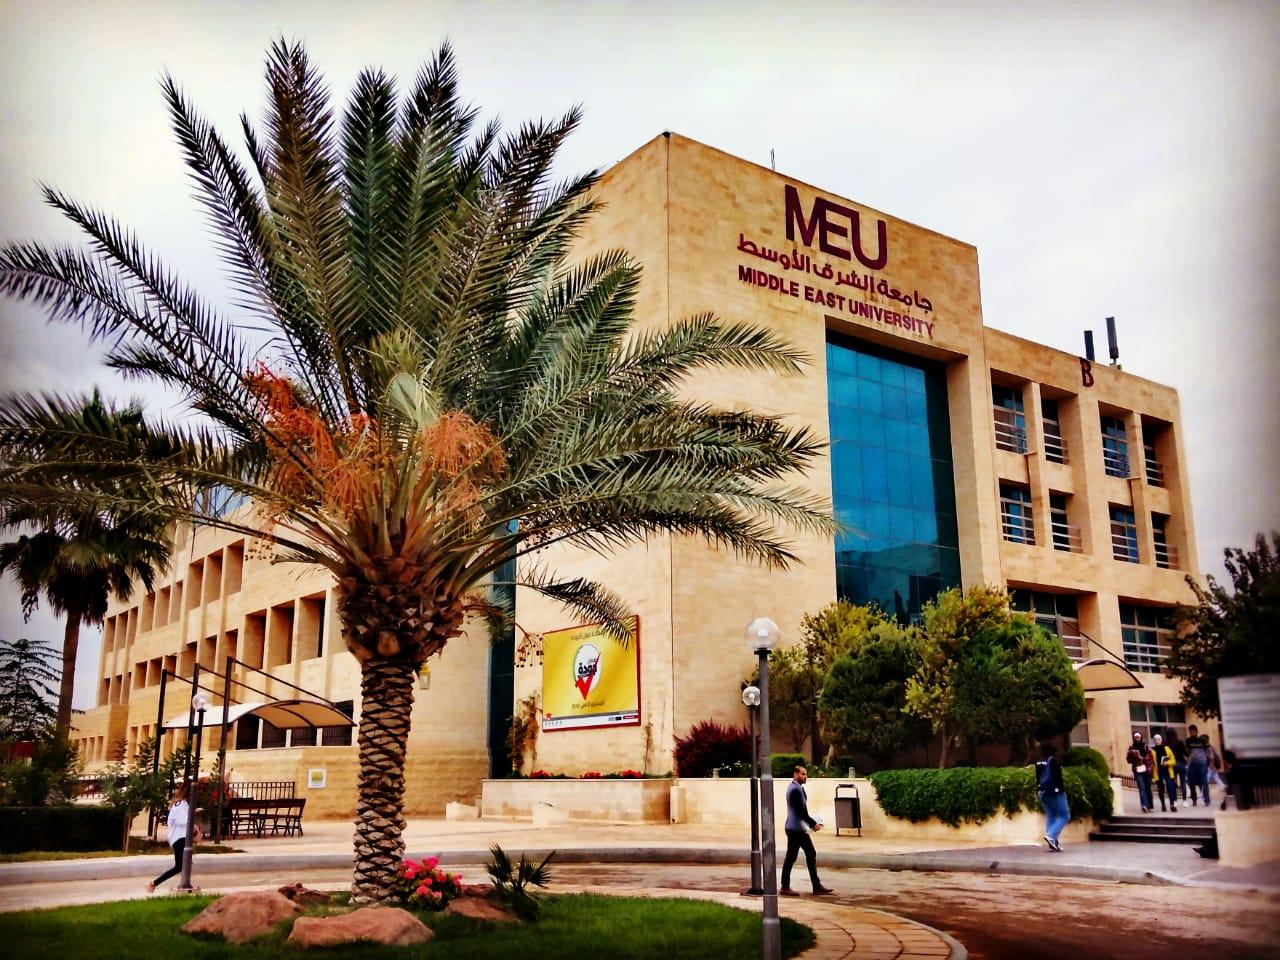 التزاما بمسؤوليتها المجتمعية ..  جامعة الشرق الأوسط تعلن حزمة قرارات تضامنية مع طلبتها